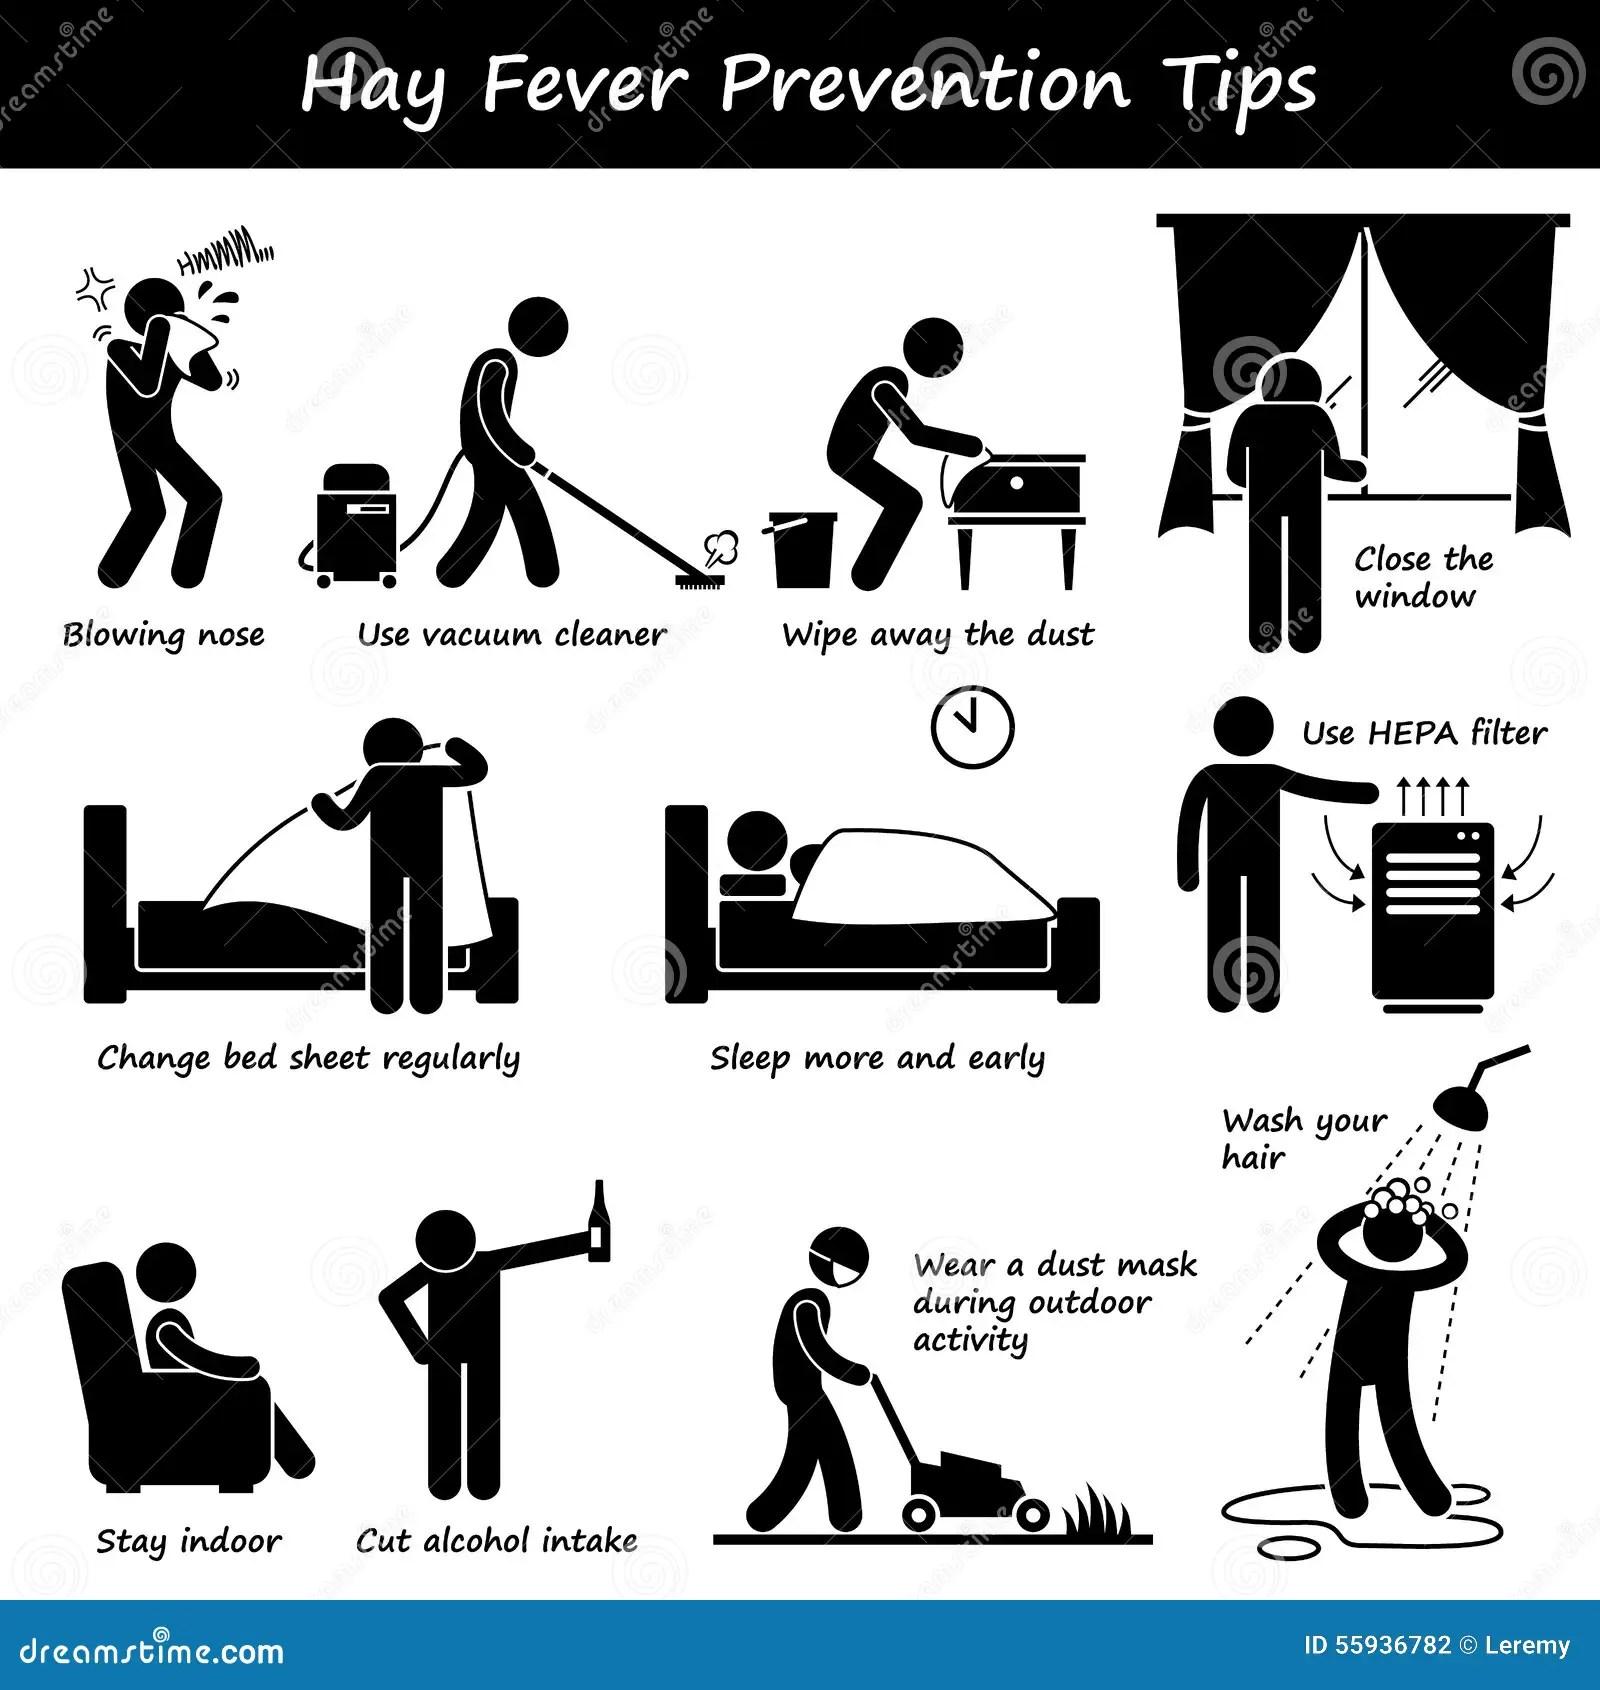 Hay Fever Prevention Allergy Tips Clipart Vektor Abbildung